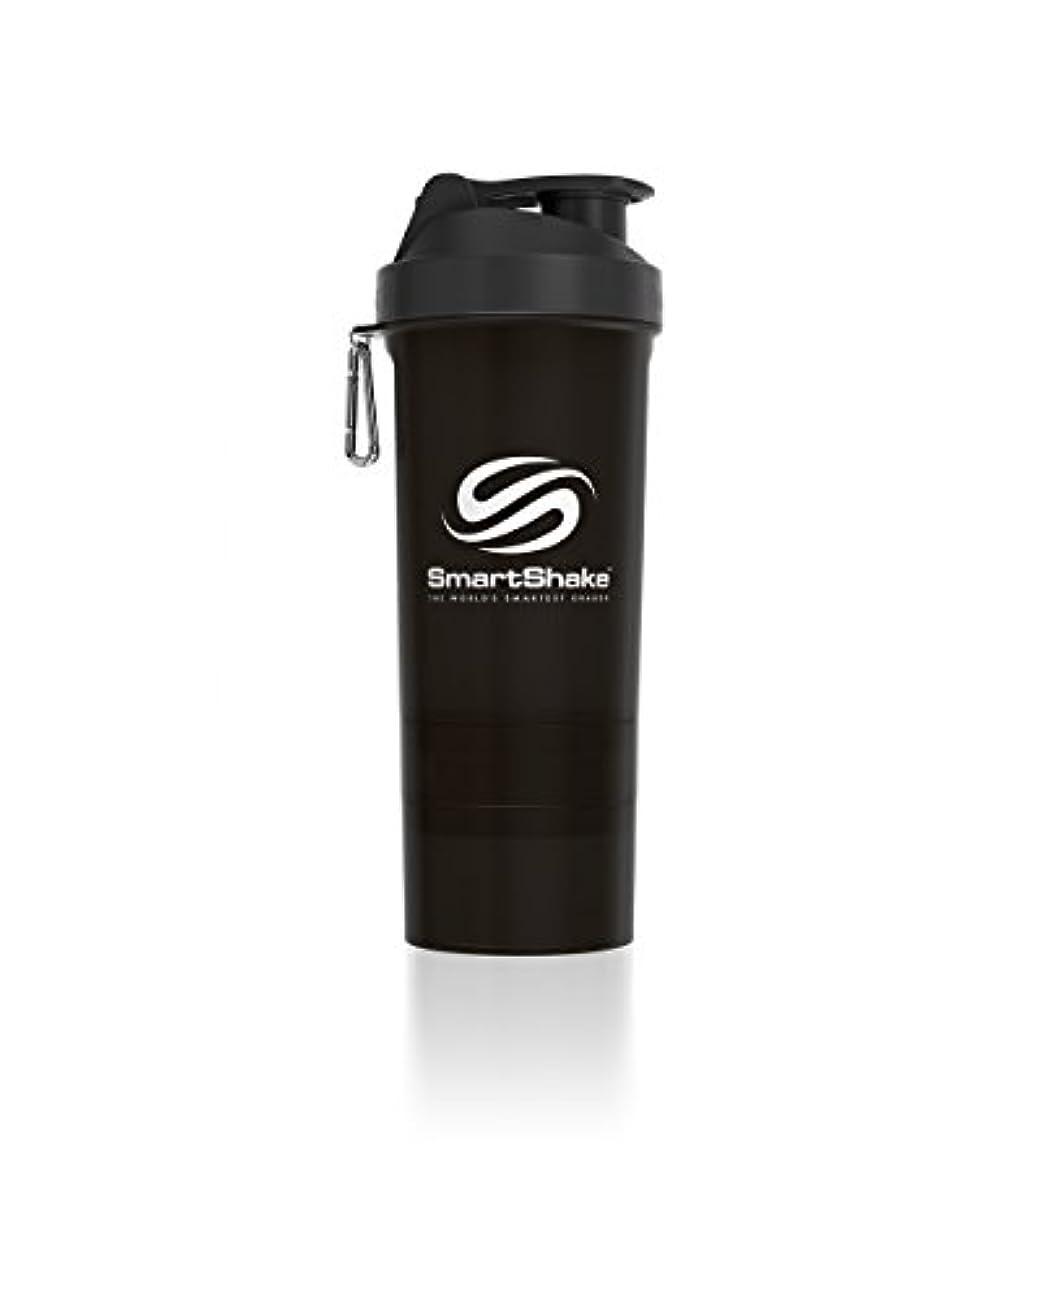 振動する期待こどもの日SmartShake - オリジナル シェーカー カップ ブラック - 20ポンド